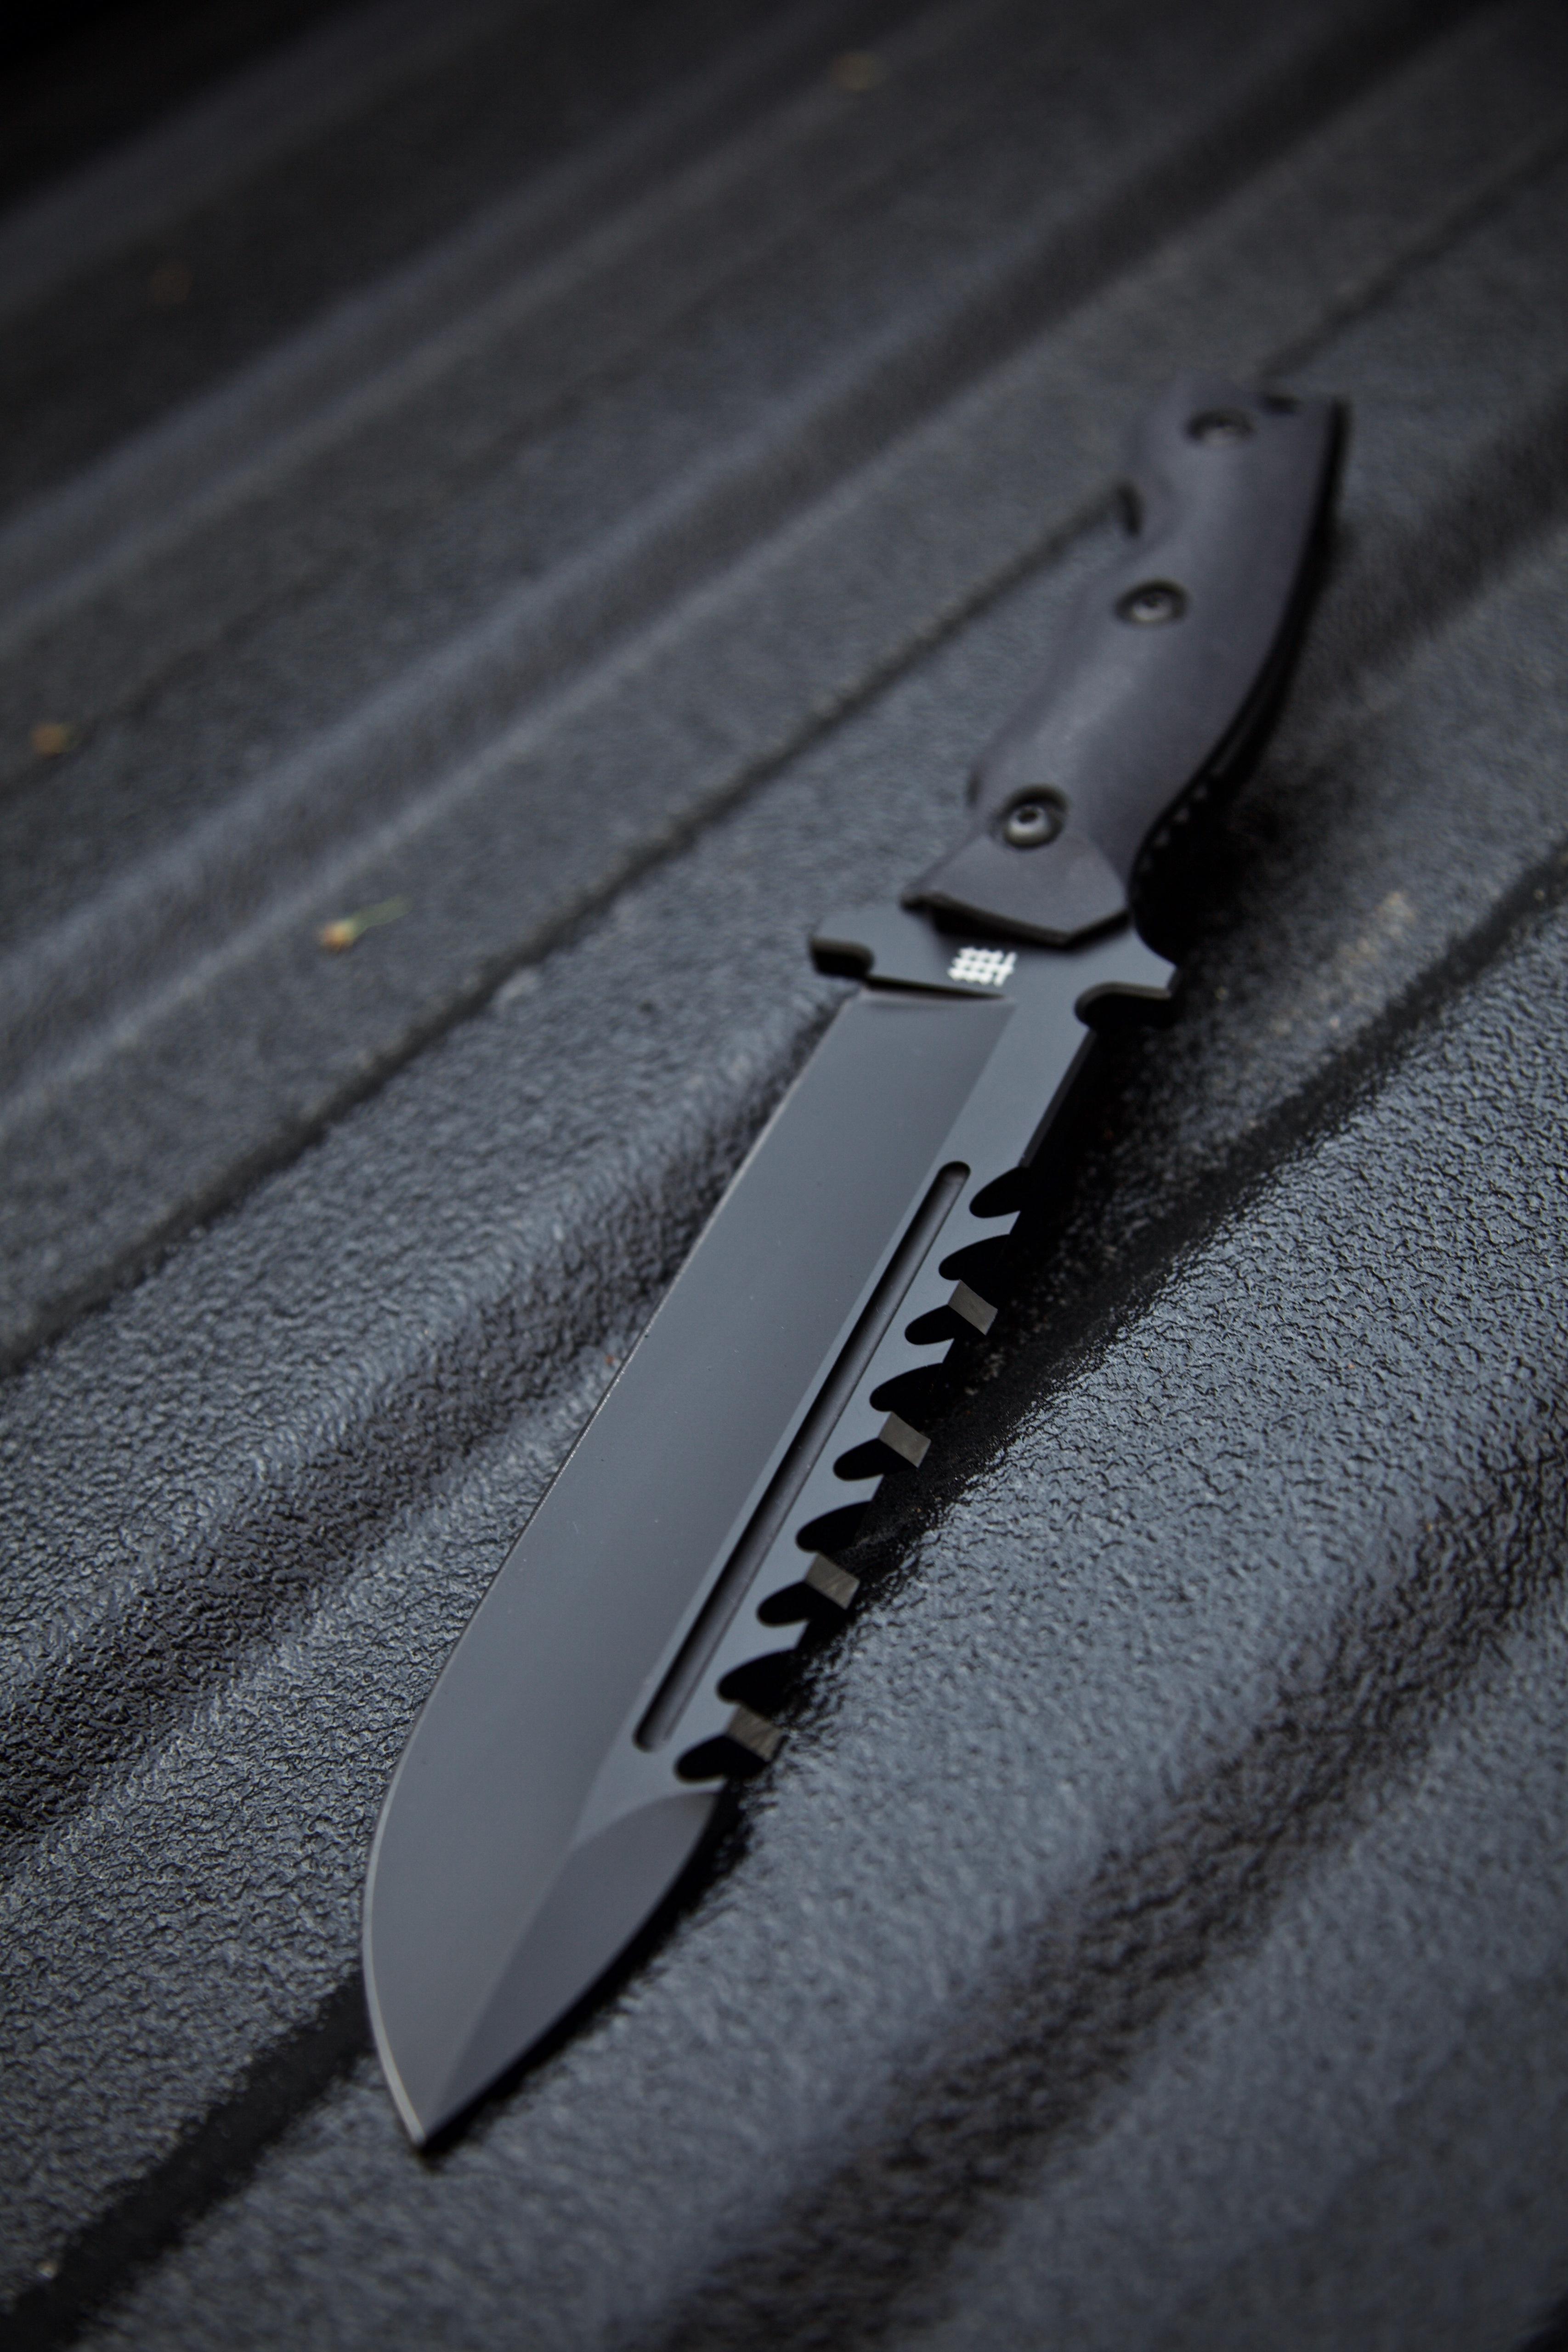 LSK-01 Large Survival Knife